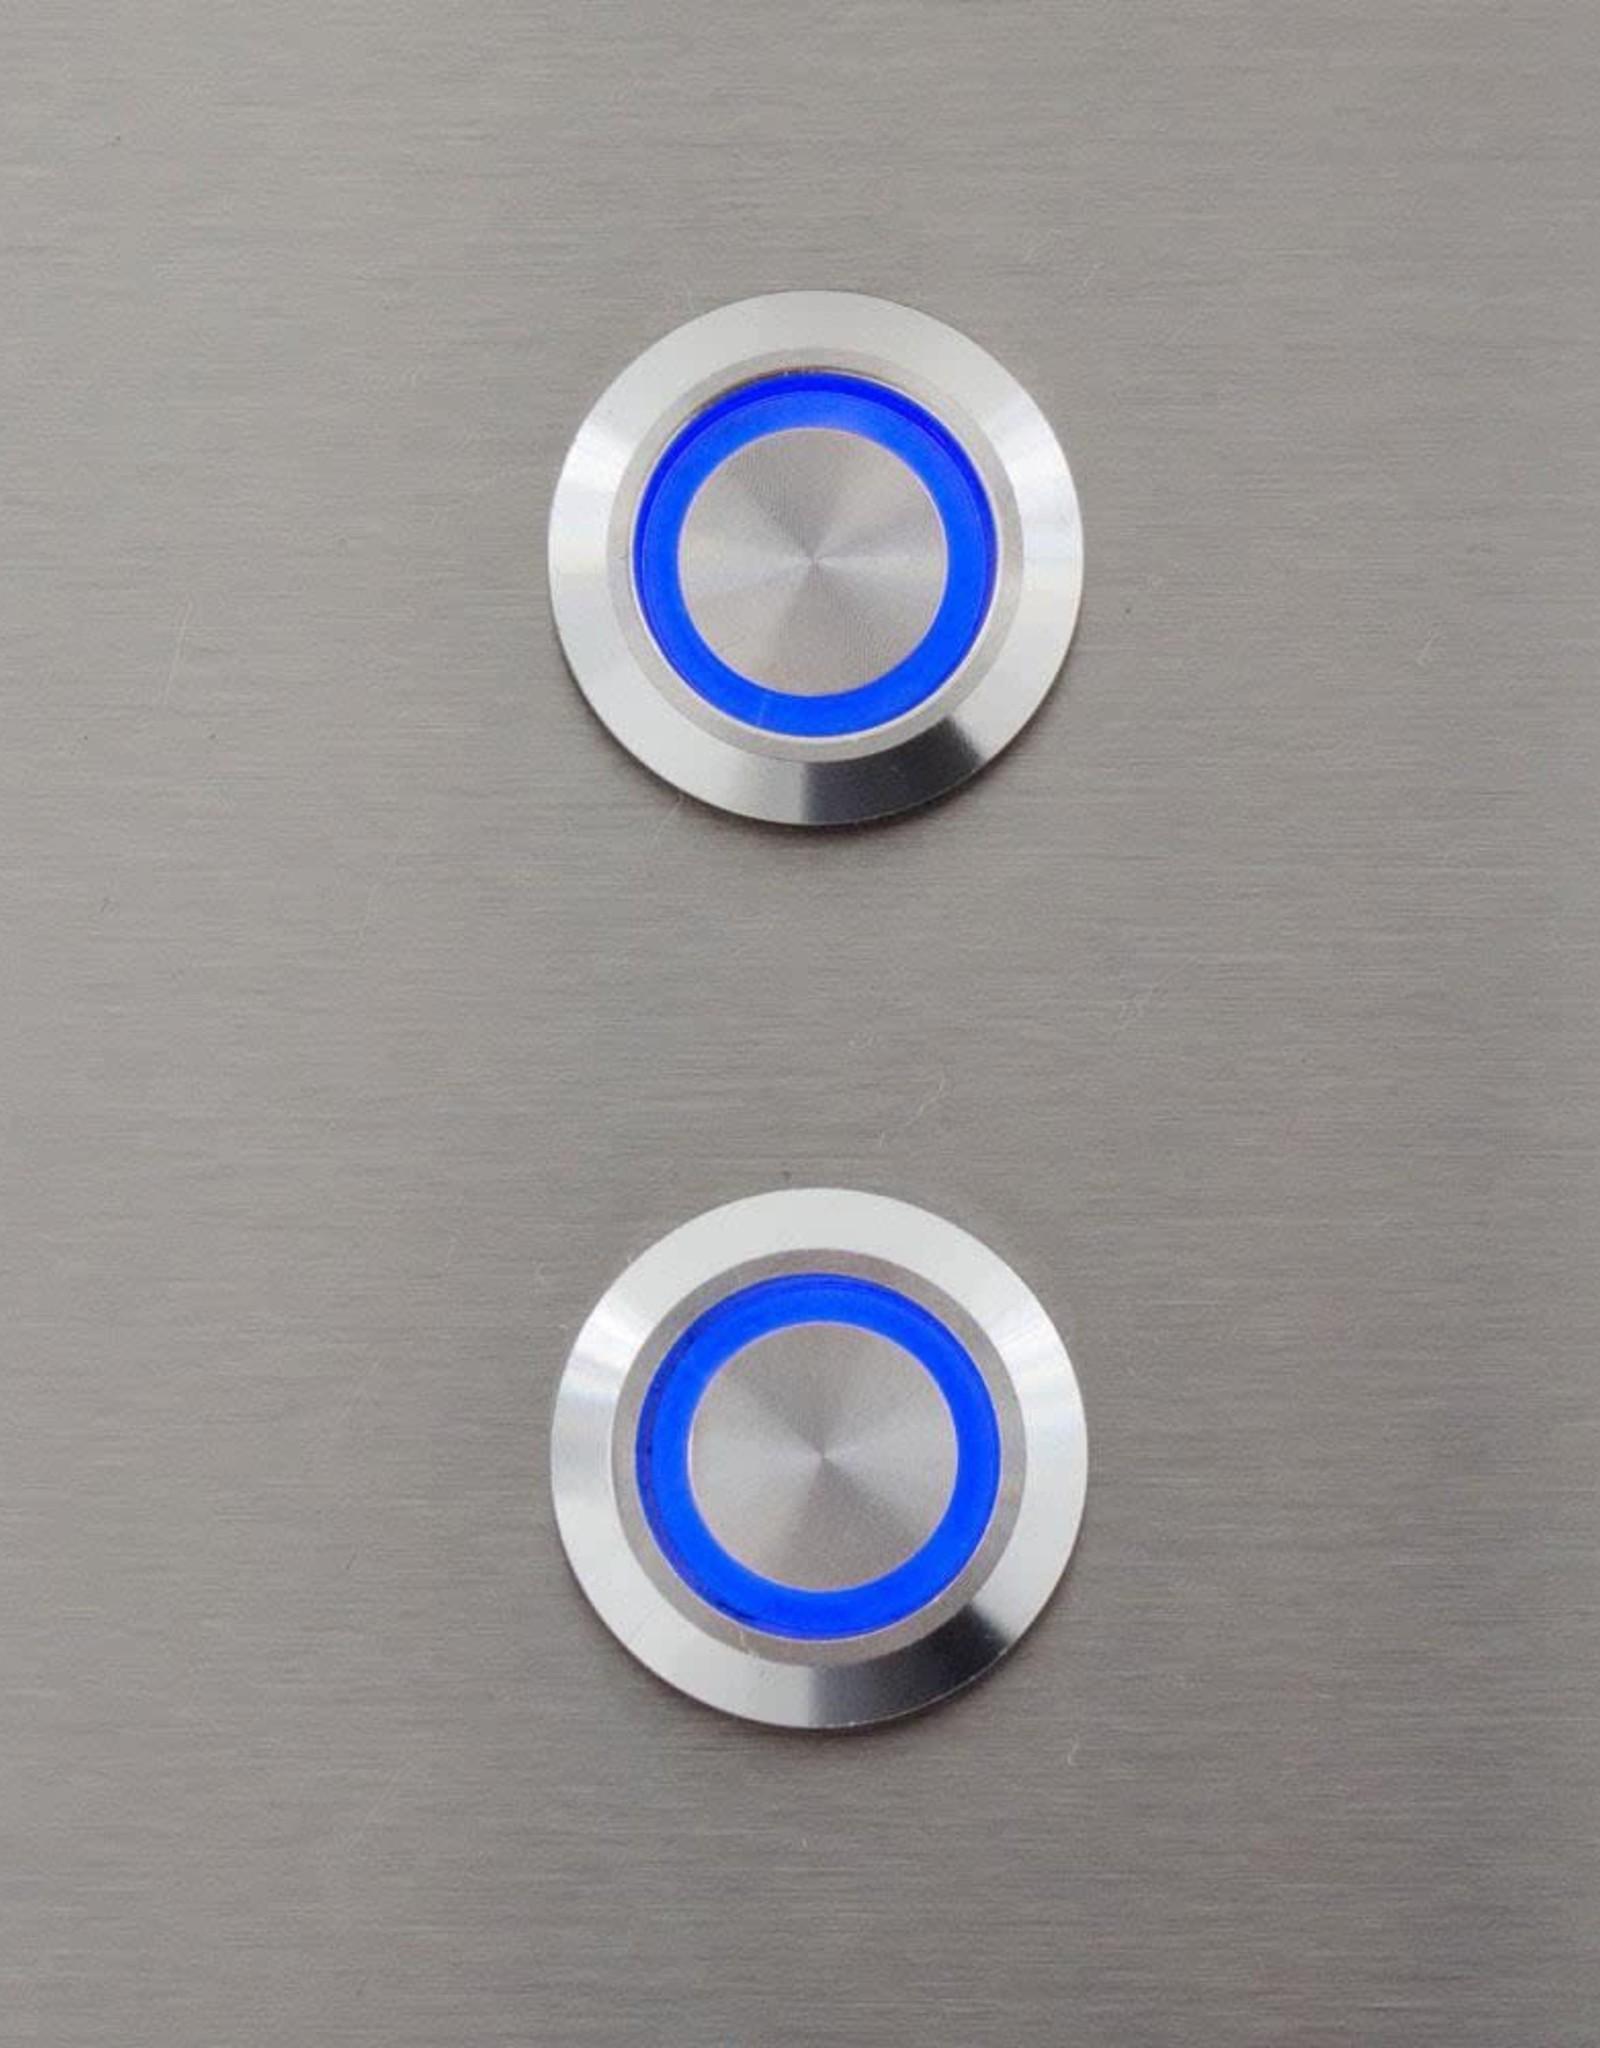 Blaze Outdoor Products Blaze Blue LED 3 Piece Set for Power Burner, Griddle, Double Side Burner - BLZ-2LED-BLUE